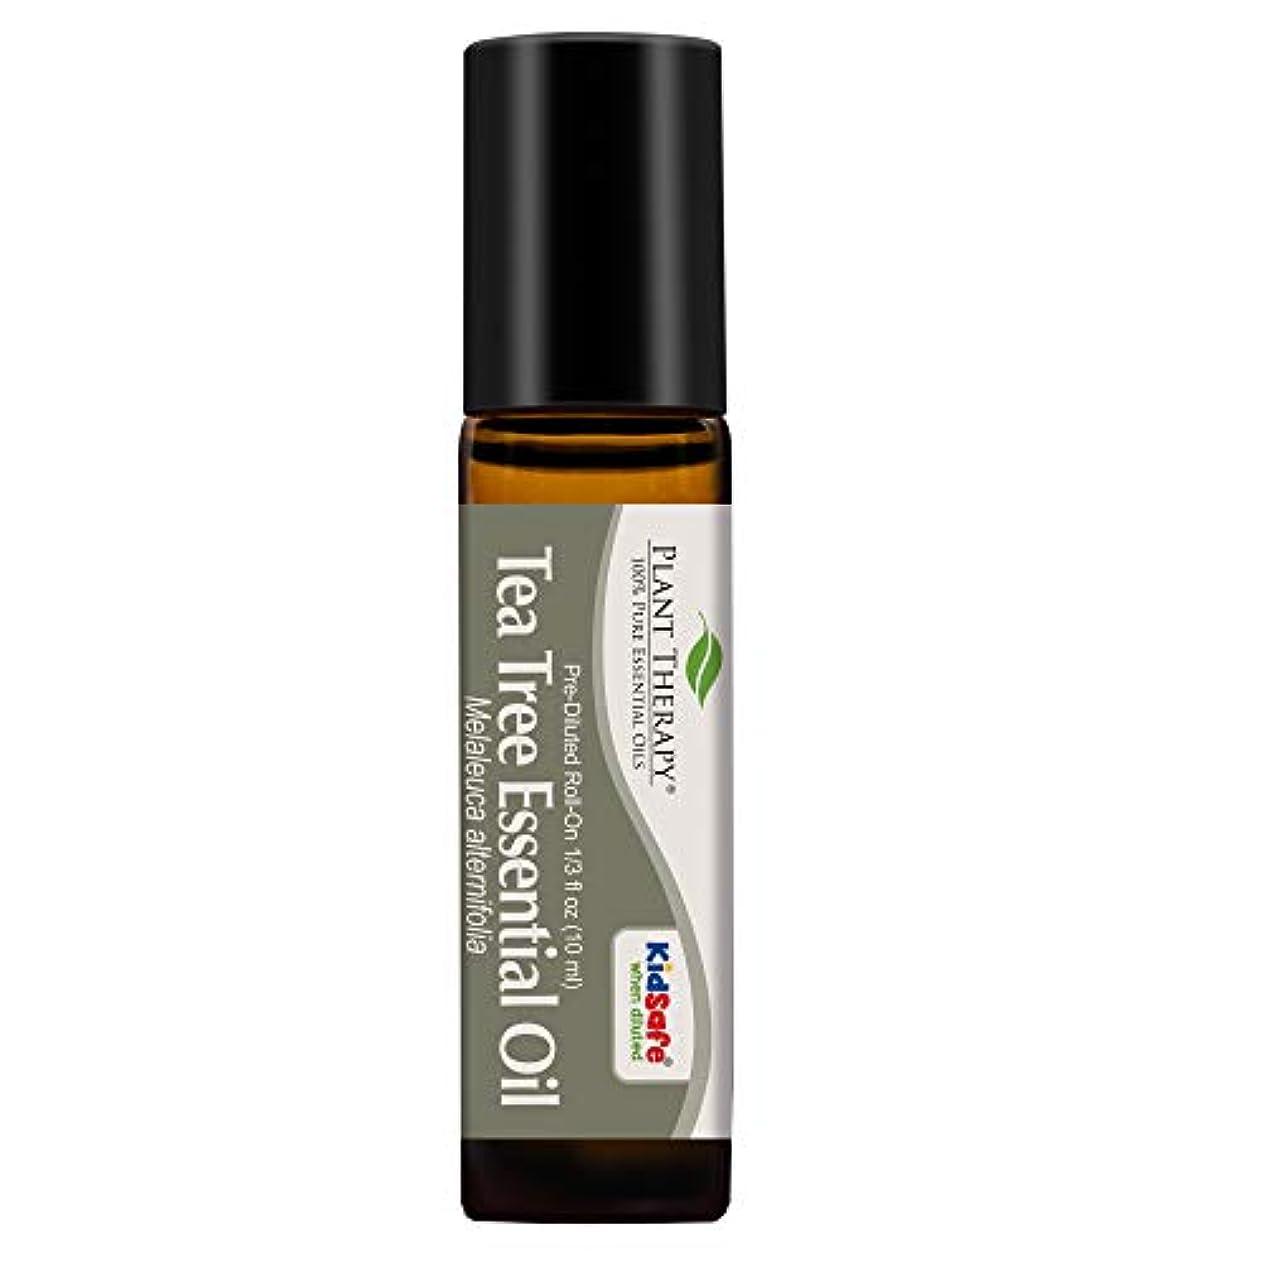 電気的早めるパイPlant Therapy Tea Tree Pre-Diluted Roll-On 10 ml (1/3 fl oz) 100% Pure, Therapeutic Grade